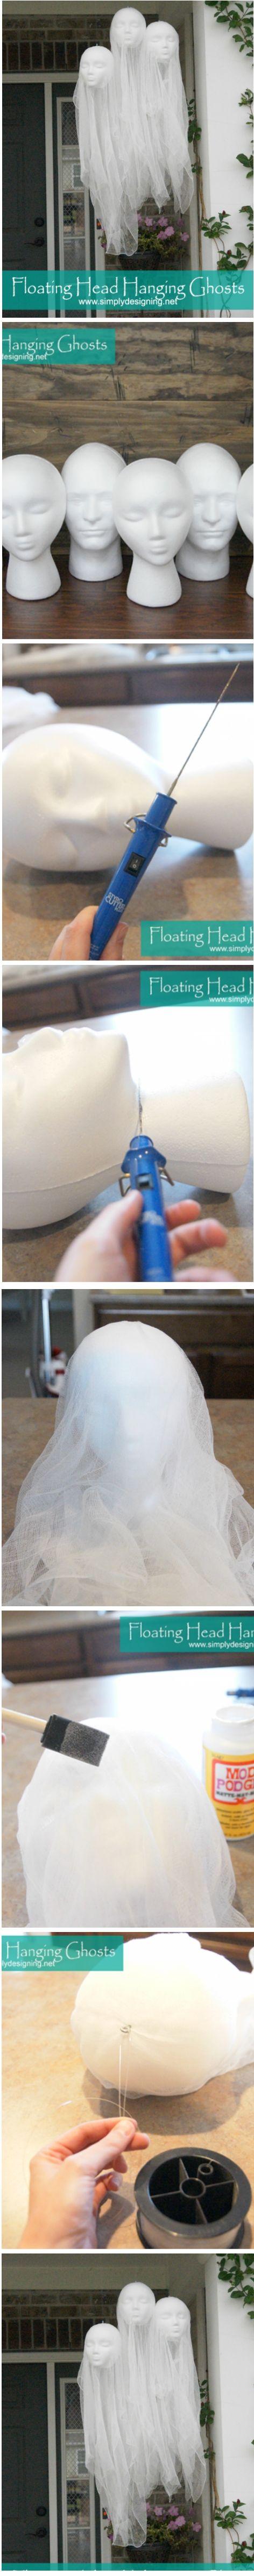 DIY Floating Head Hanging Ghosts